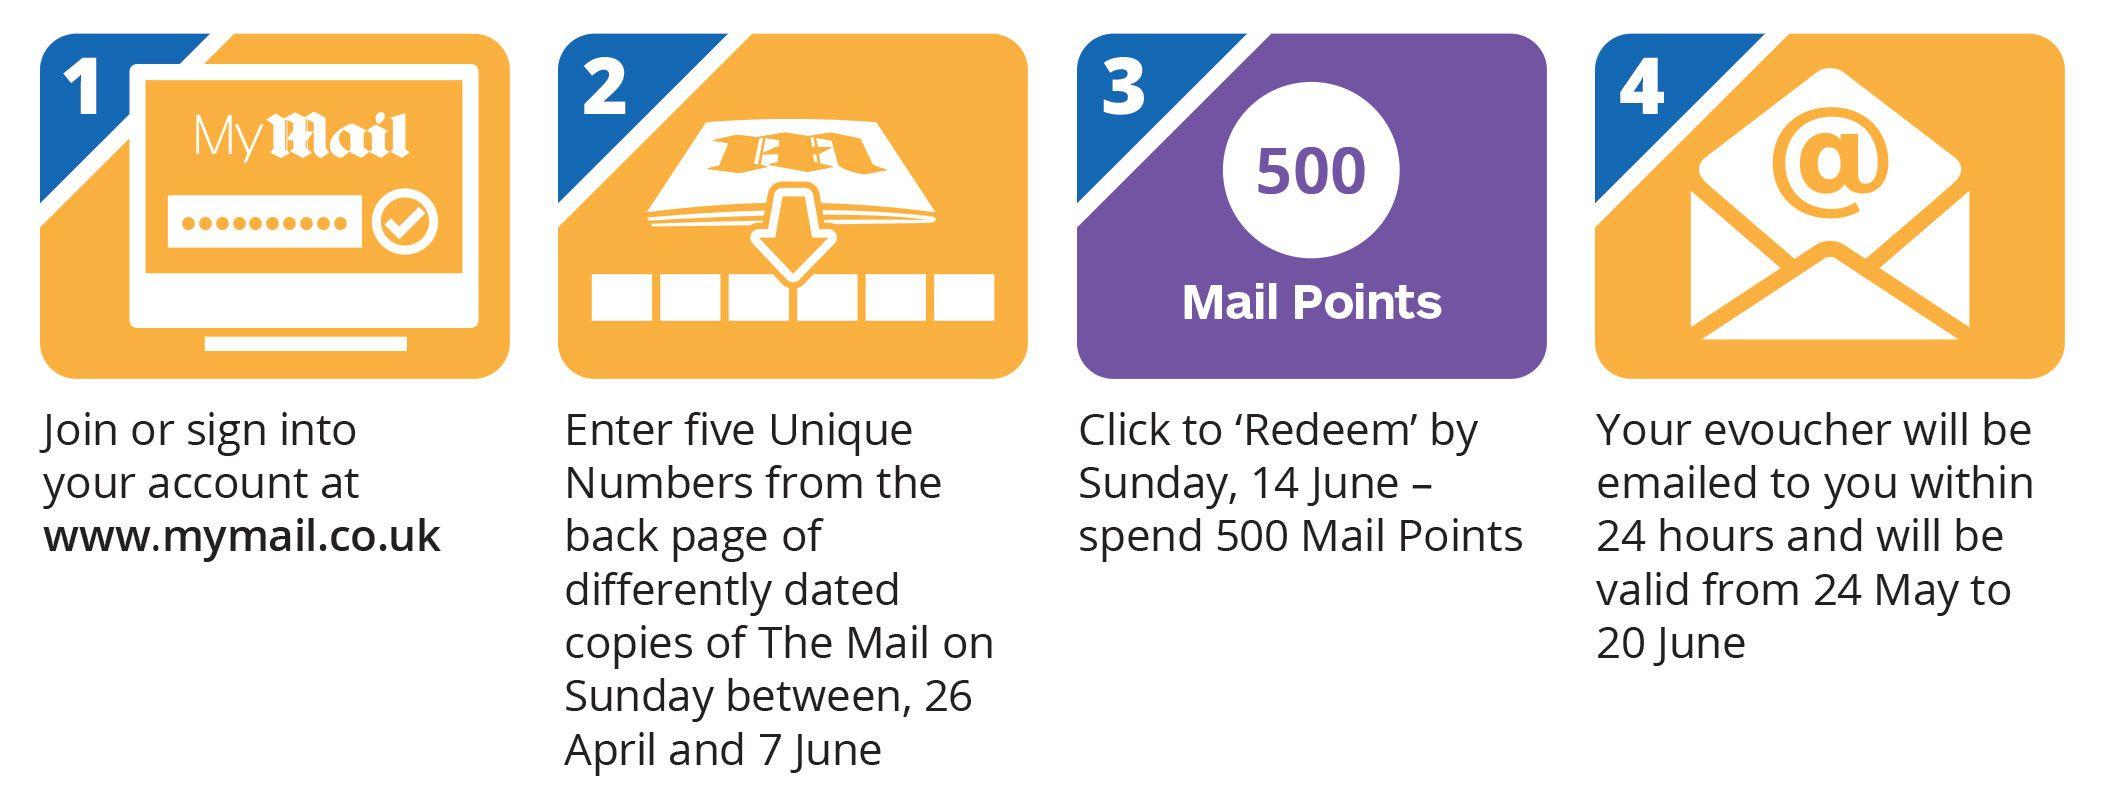 Mymail Detail Detail Rewards Redeemed